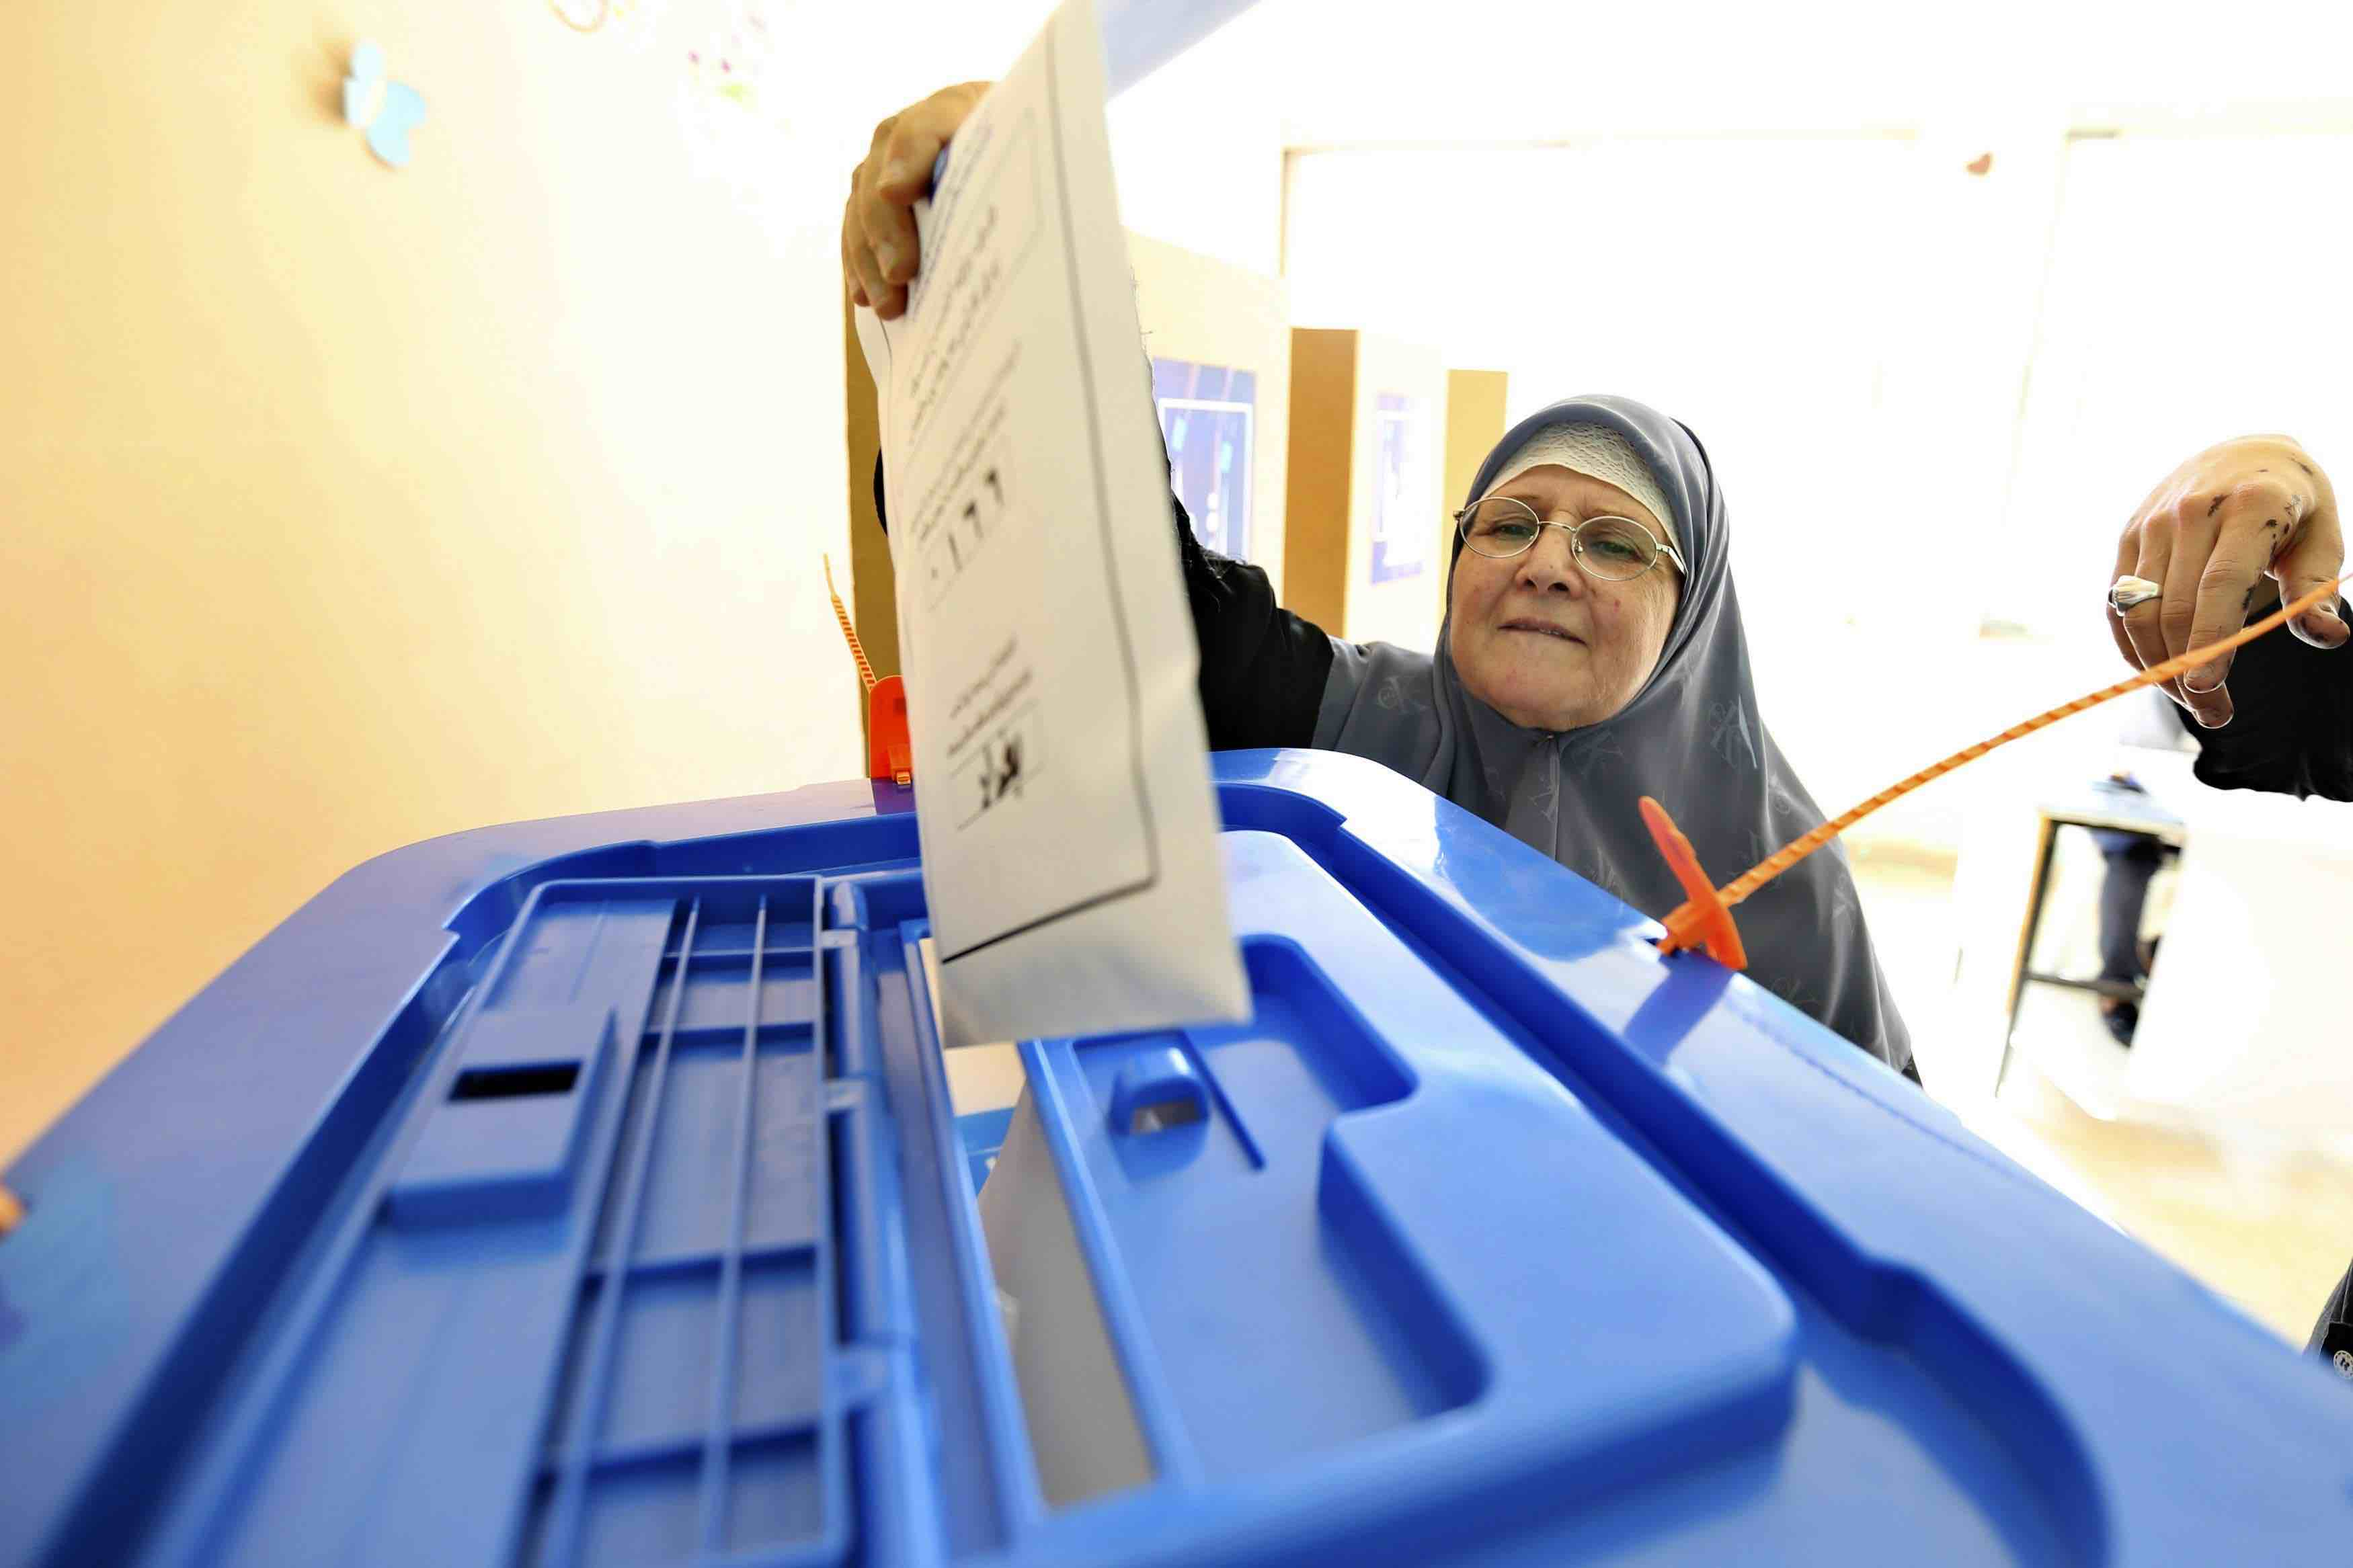 الامم المتحدة تبدي استعدادها لتوفير خبراء دوليين للعراق في الانتخابات وعمل المفوضية